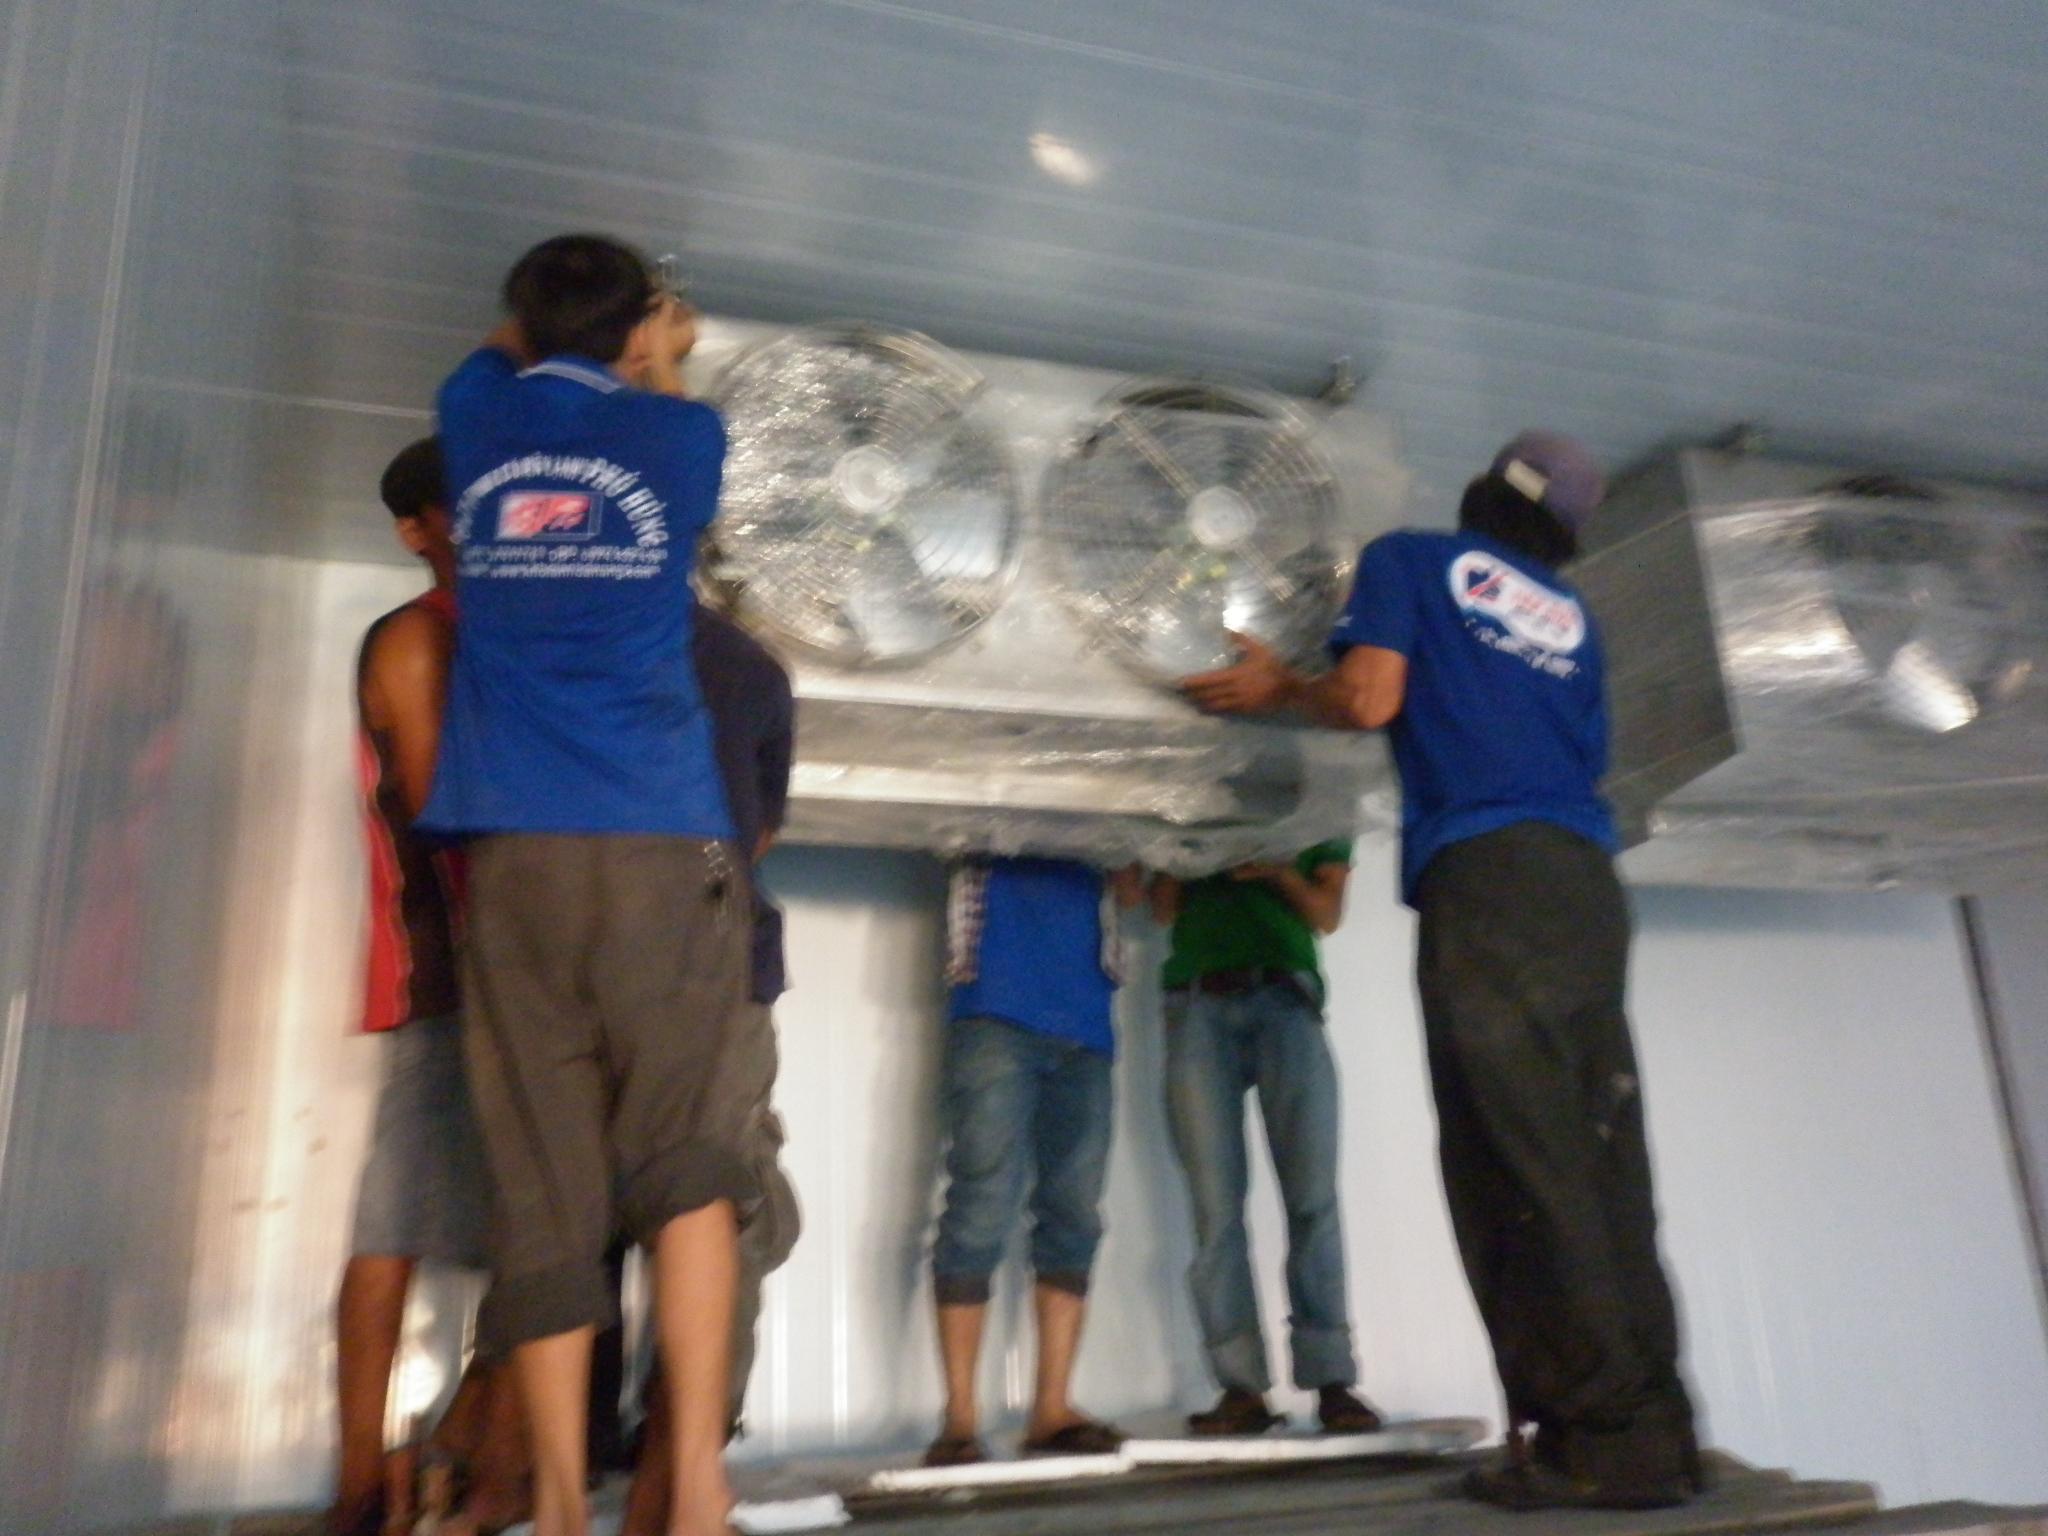 P10307 Dàn lạnh công nghiệp Đà Nẵng 83